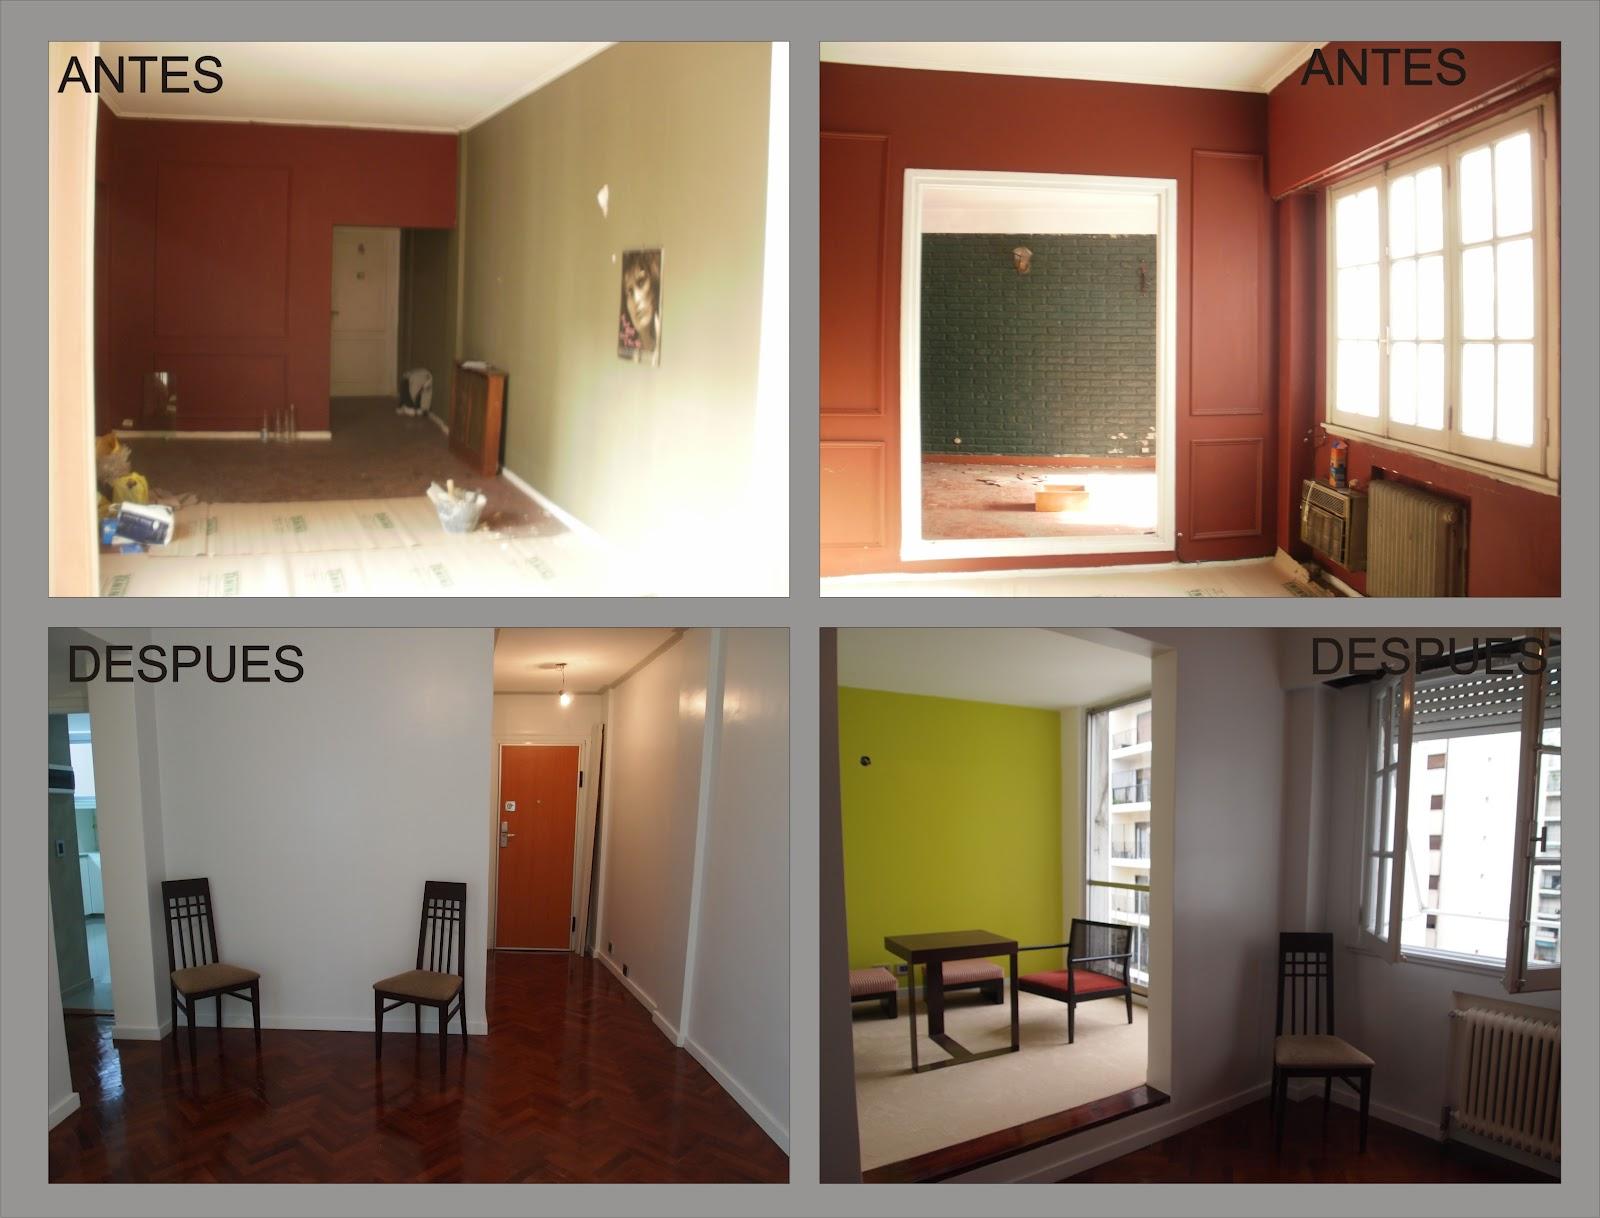 Arquitectura a tu medida remodelacion de un departamento for Remodelacion de casas interiores